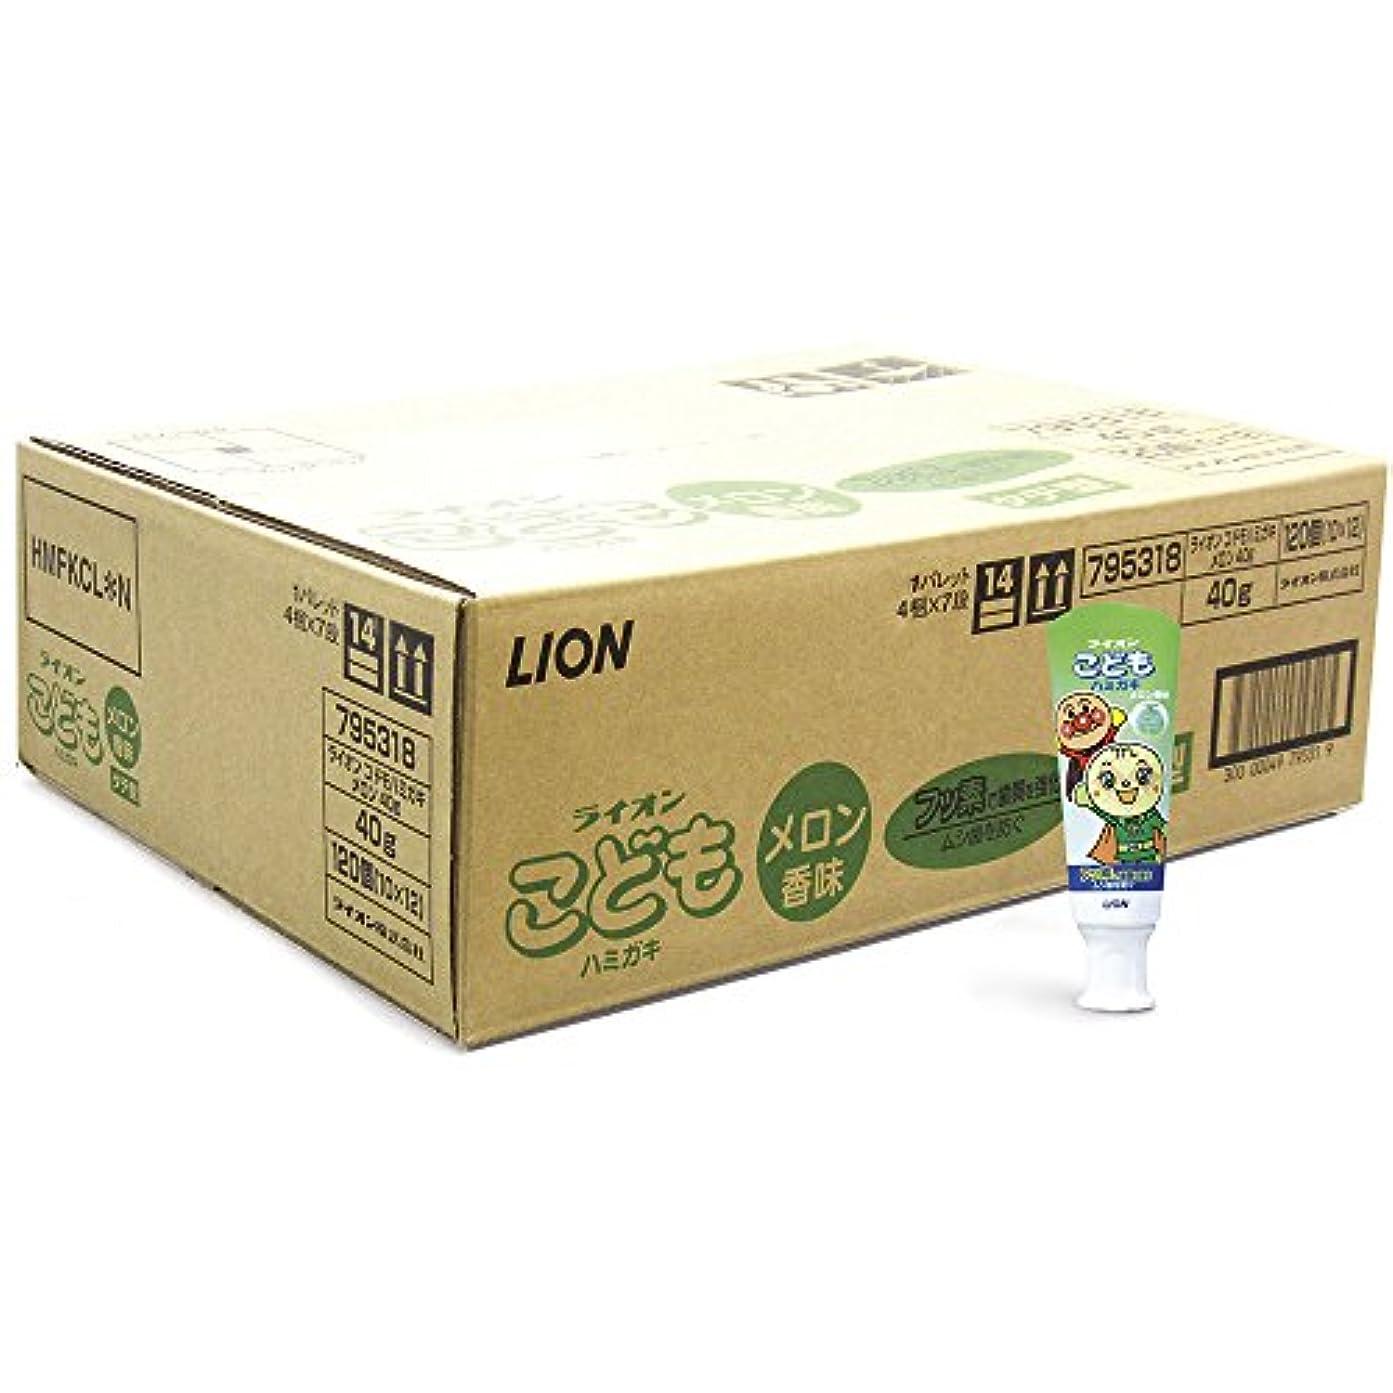 歴史的食品遅滞【ケース販売】ライオン こどもハミガキ アンパンマン メロン香味 40g×120個パック (医薬部外品)